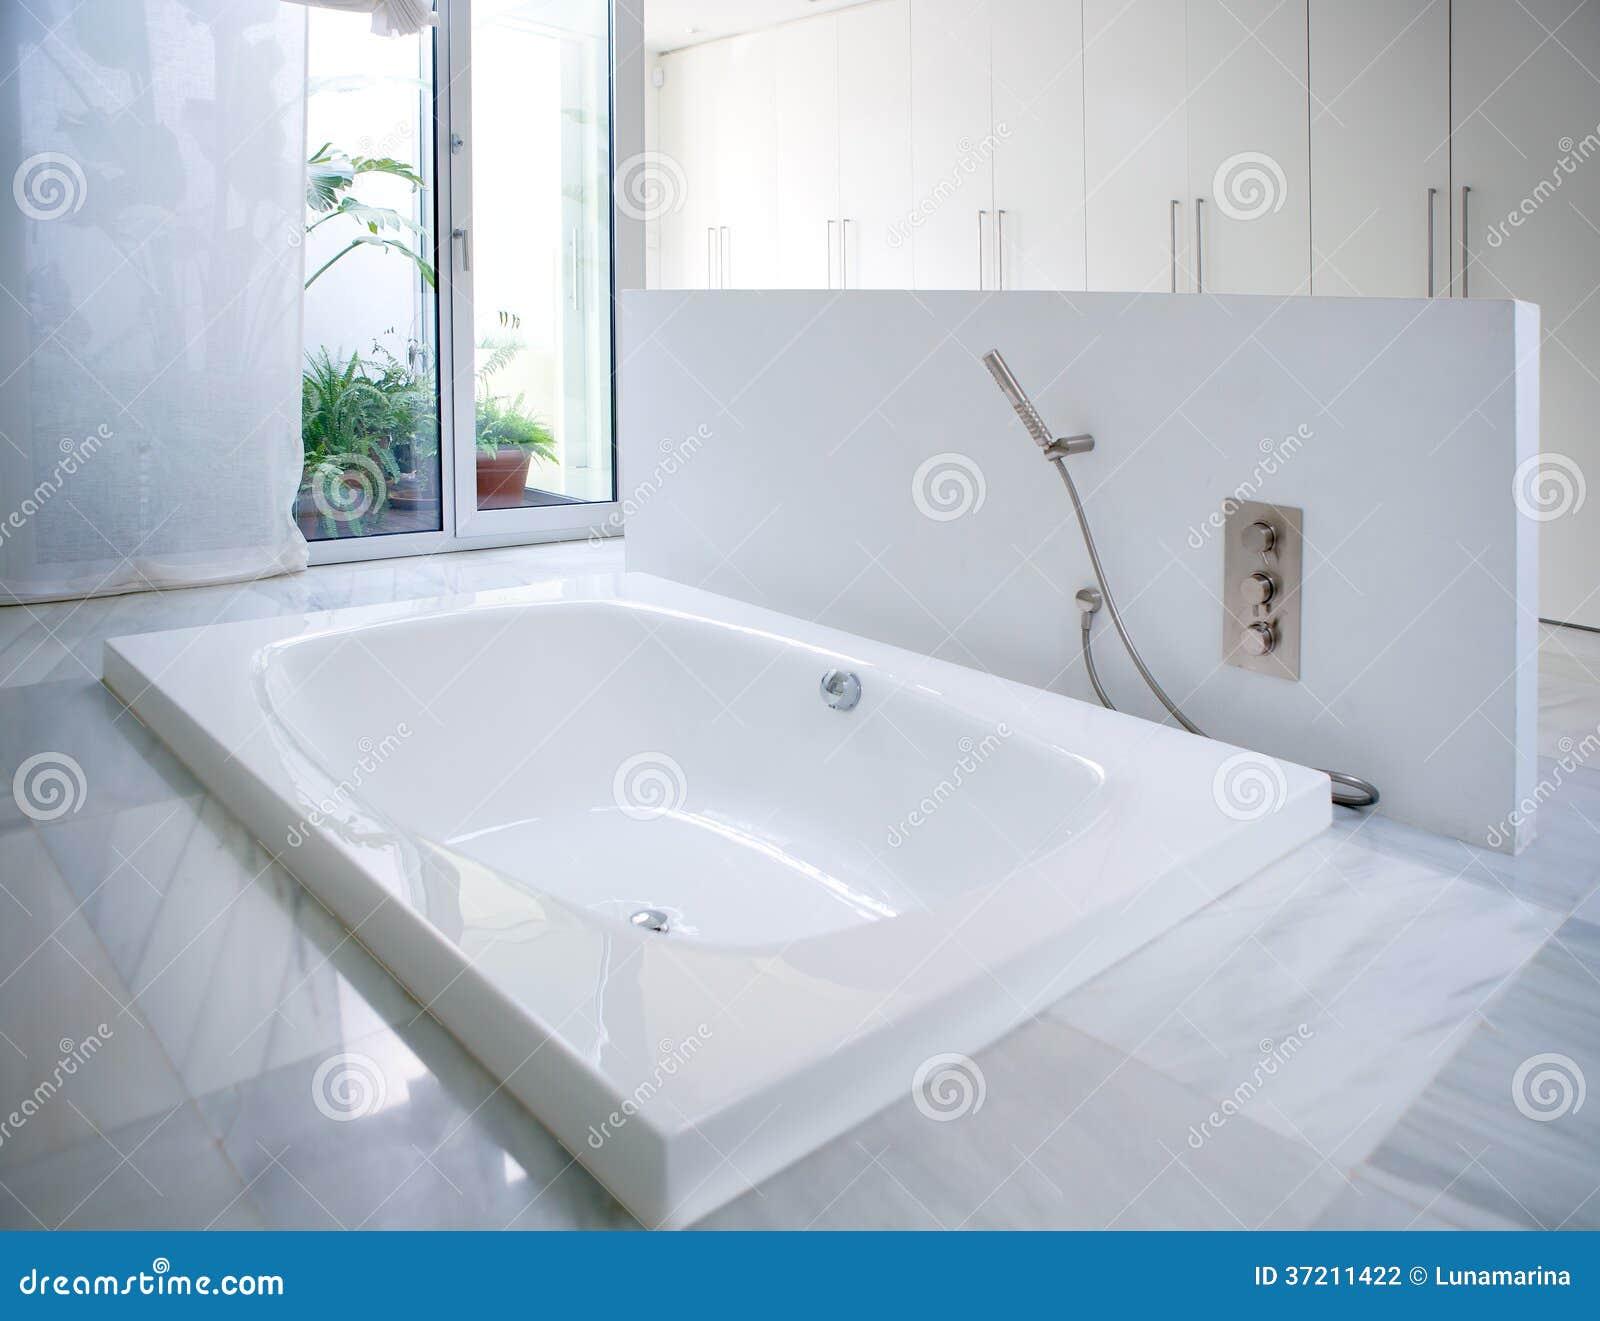 Banheira Branca Moderna Do Banheiro Da Casa Com Claraboia Do Pátio Fotografia -> Foto Banheiro Com Banheira